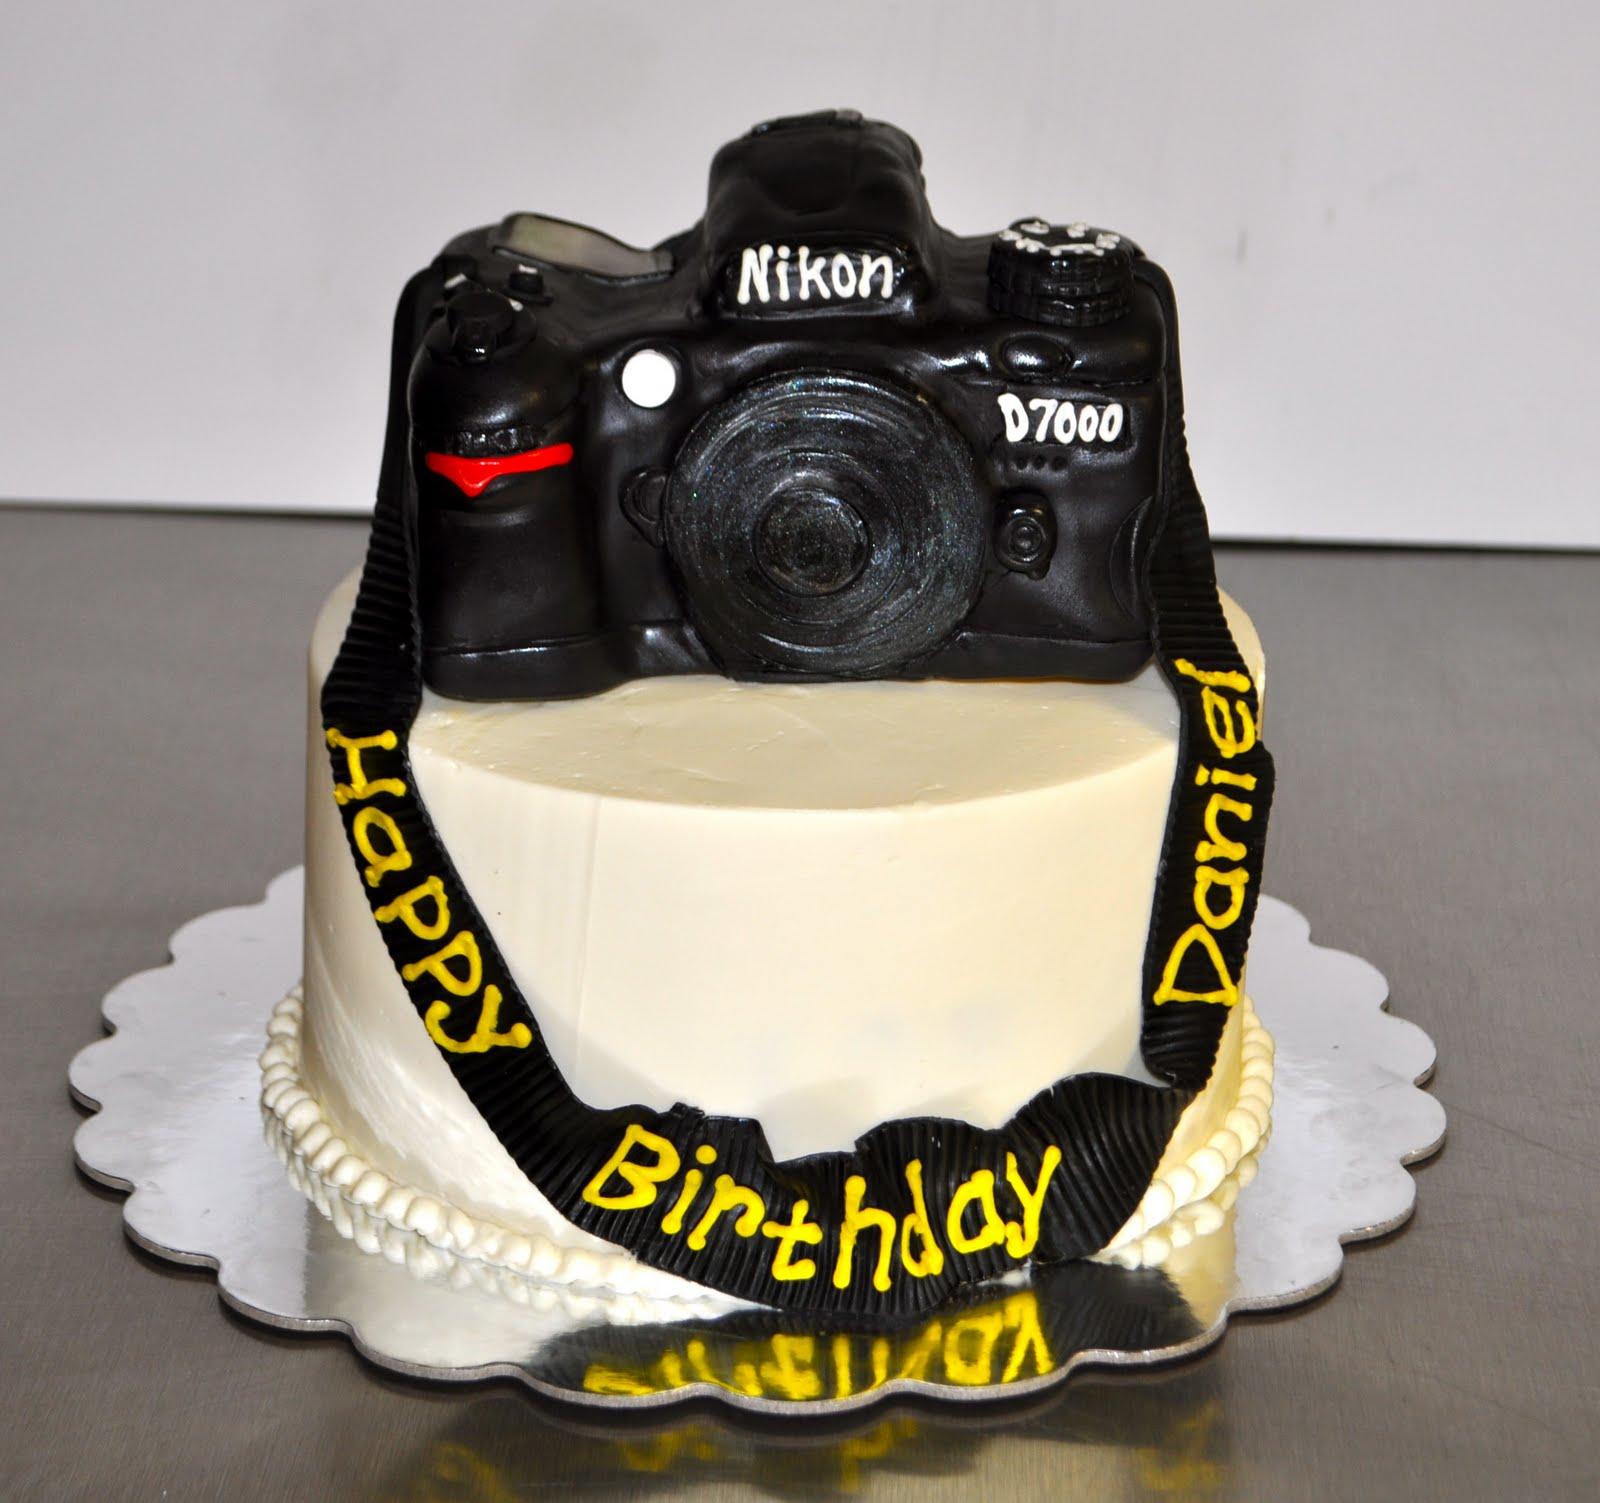 Peachy 10 Nikon Camera Birthday Cakes Photo Camera Birthday Cake Funny Birthday Cards Online Benoljebrpdamsfinfo